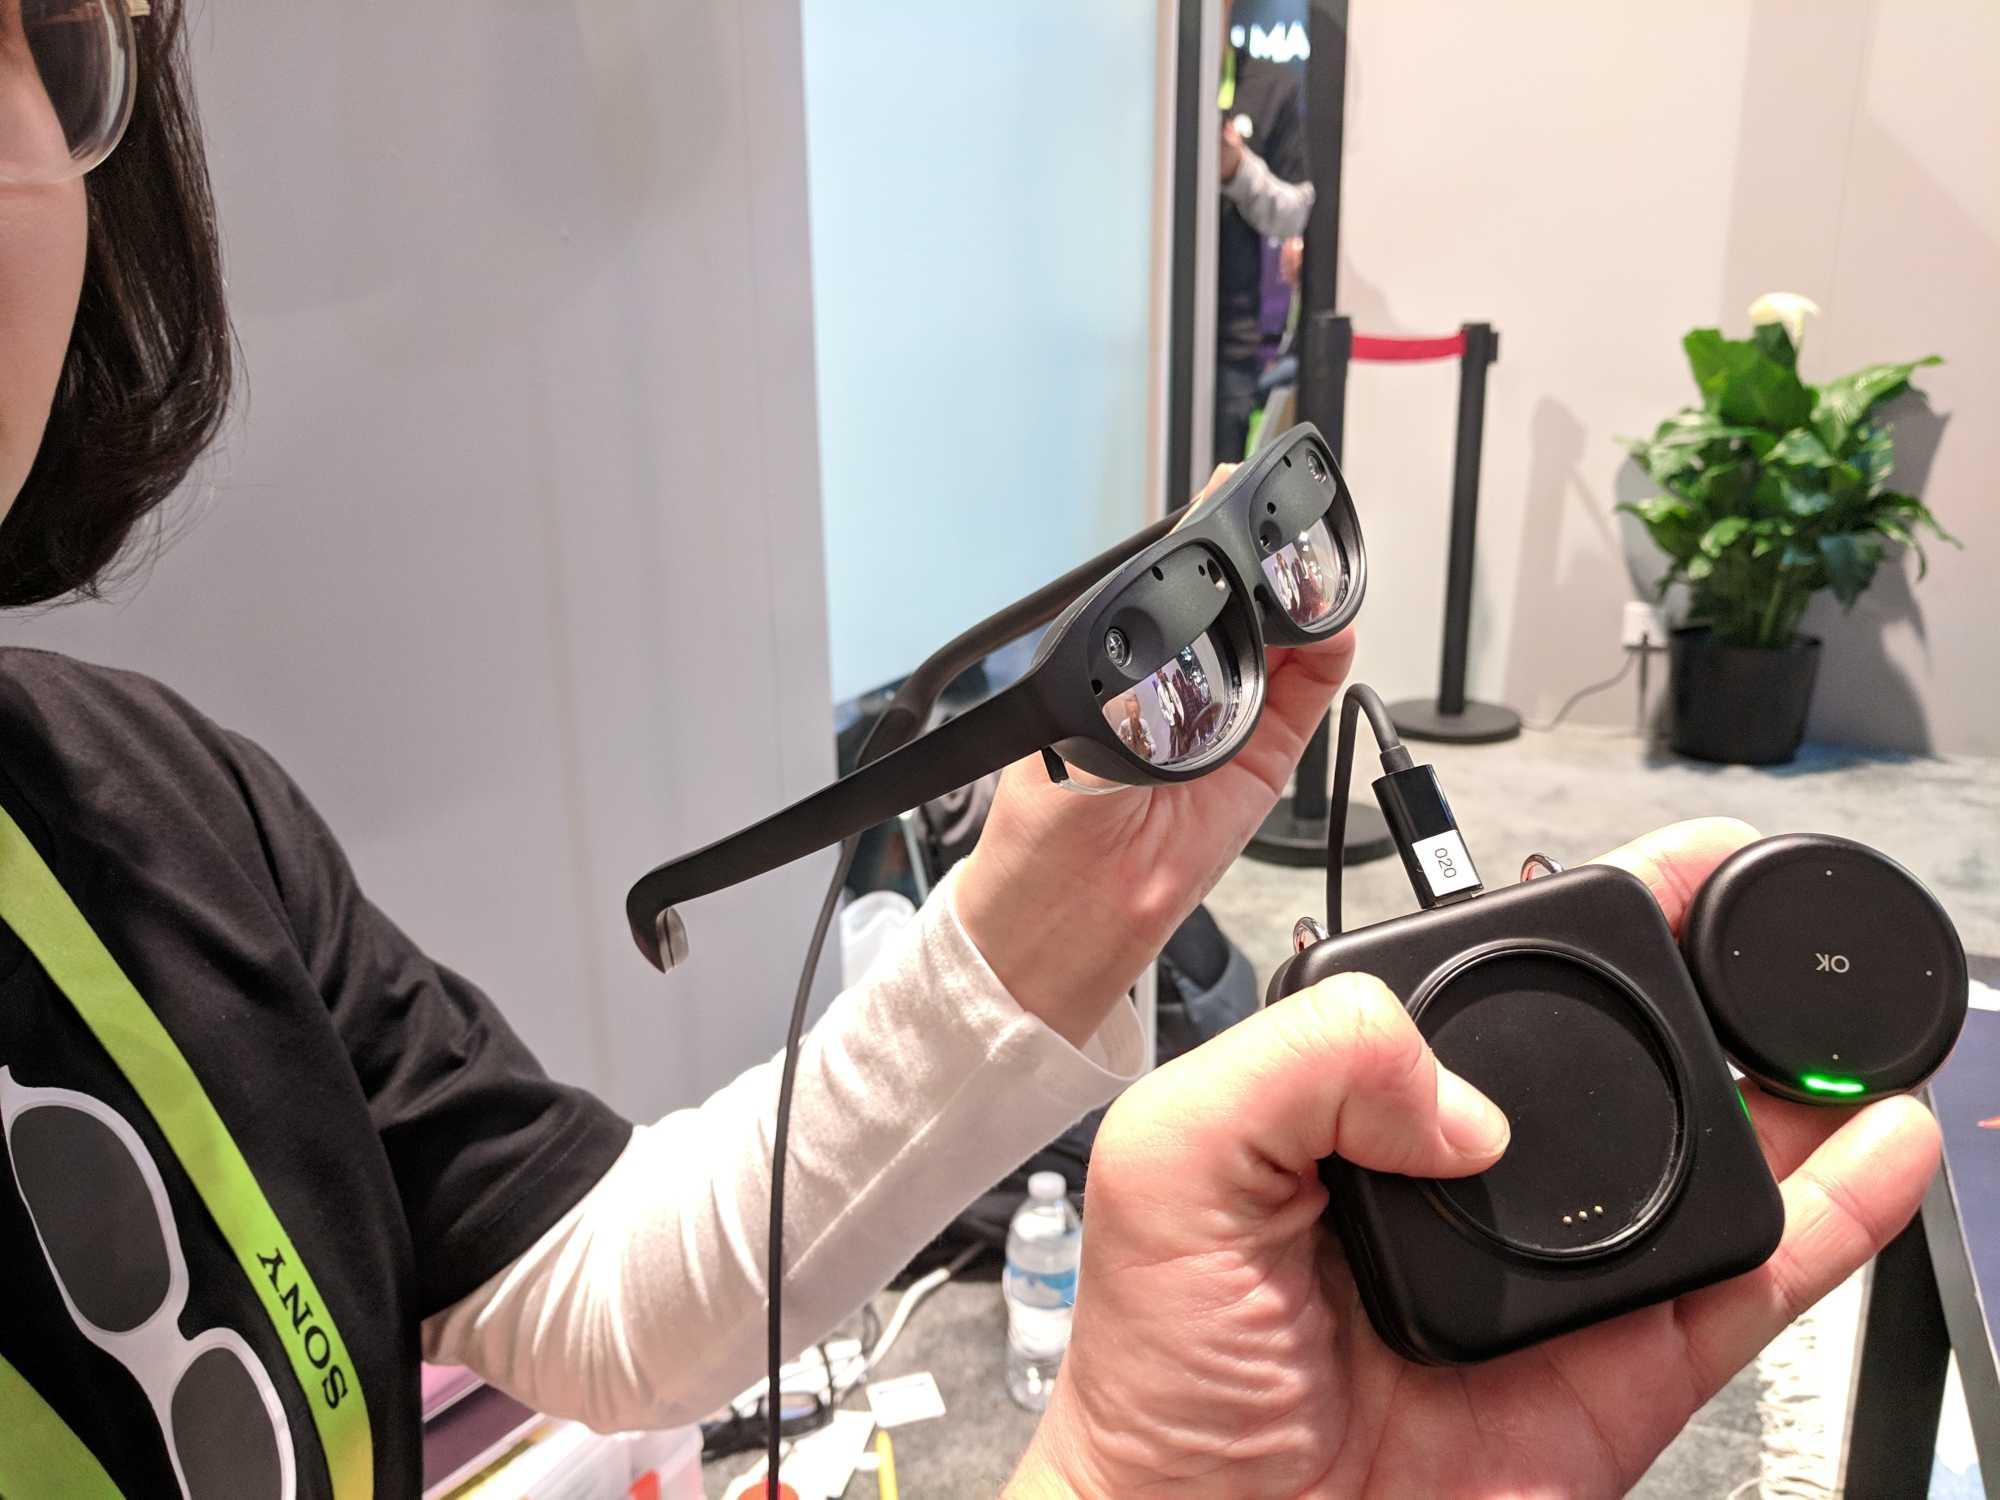 Die Nreal Light wird über einen kleinen Controller-Puck bedient (rechts), daneben ist die Recheneinheit zu sehen.